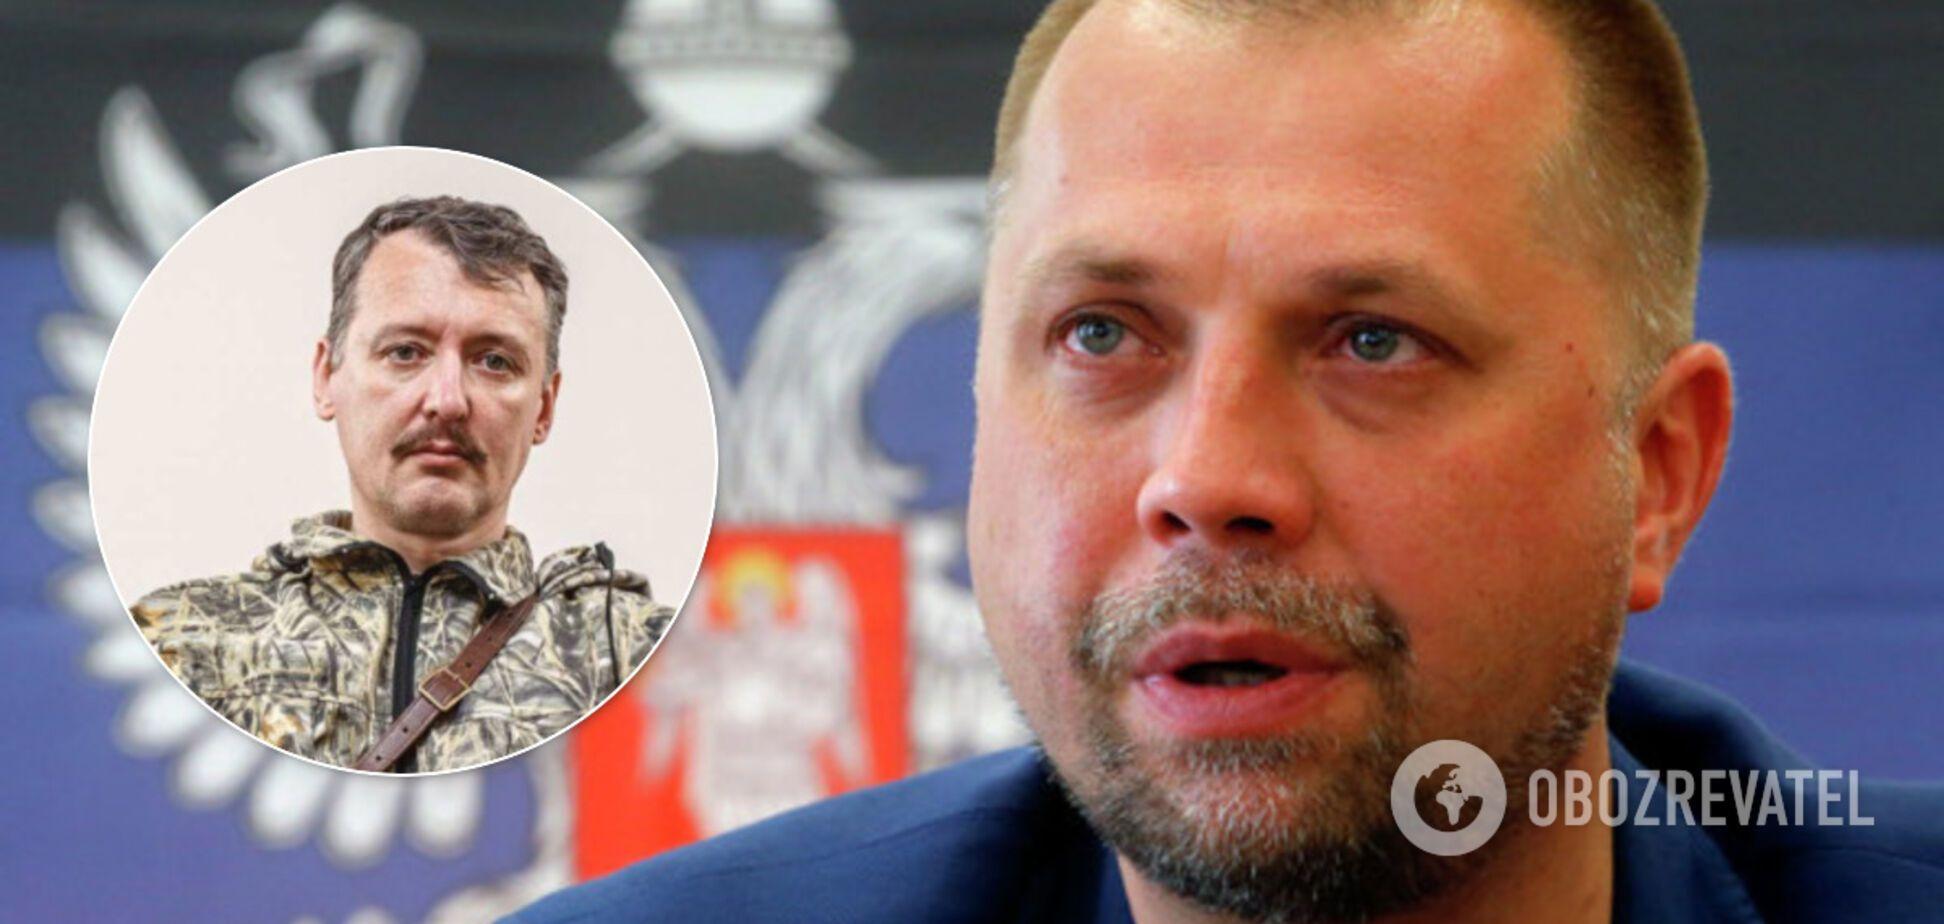 Бородай обвинил Гиркина в предательстве и лжи